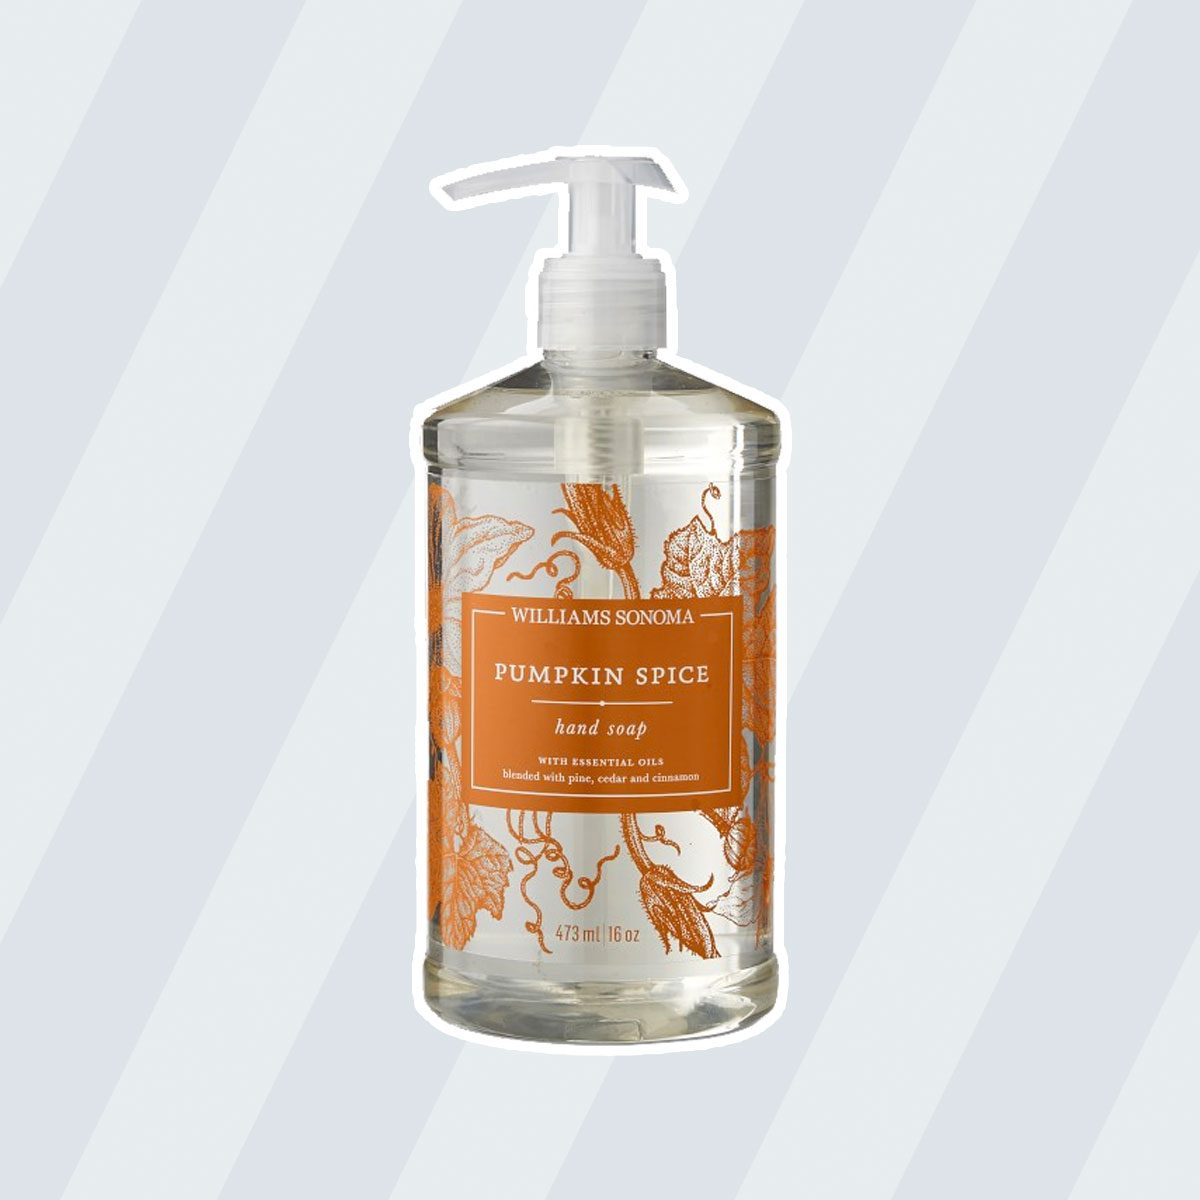 Williams Sonoma Pumpkin Spice Hand Soap